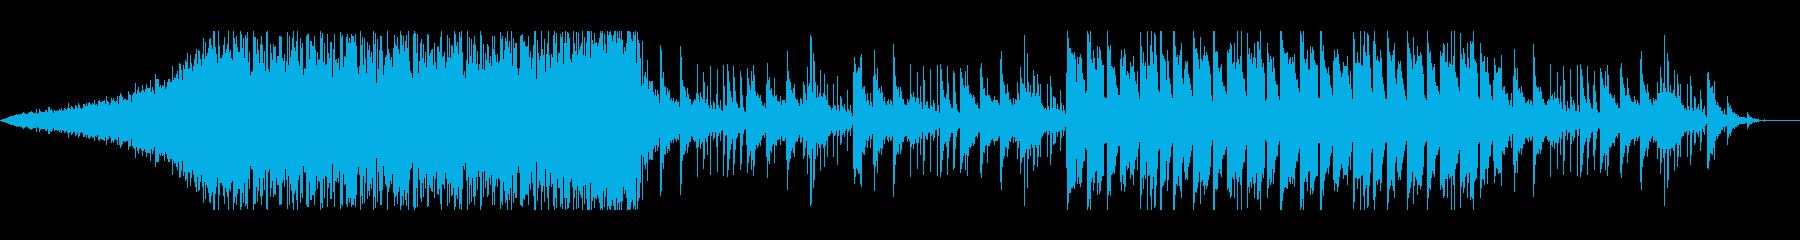 【シネマティック・ゲーム】緊迫シーンの再生済みの波形